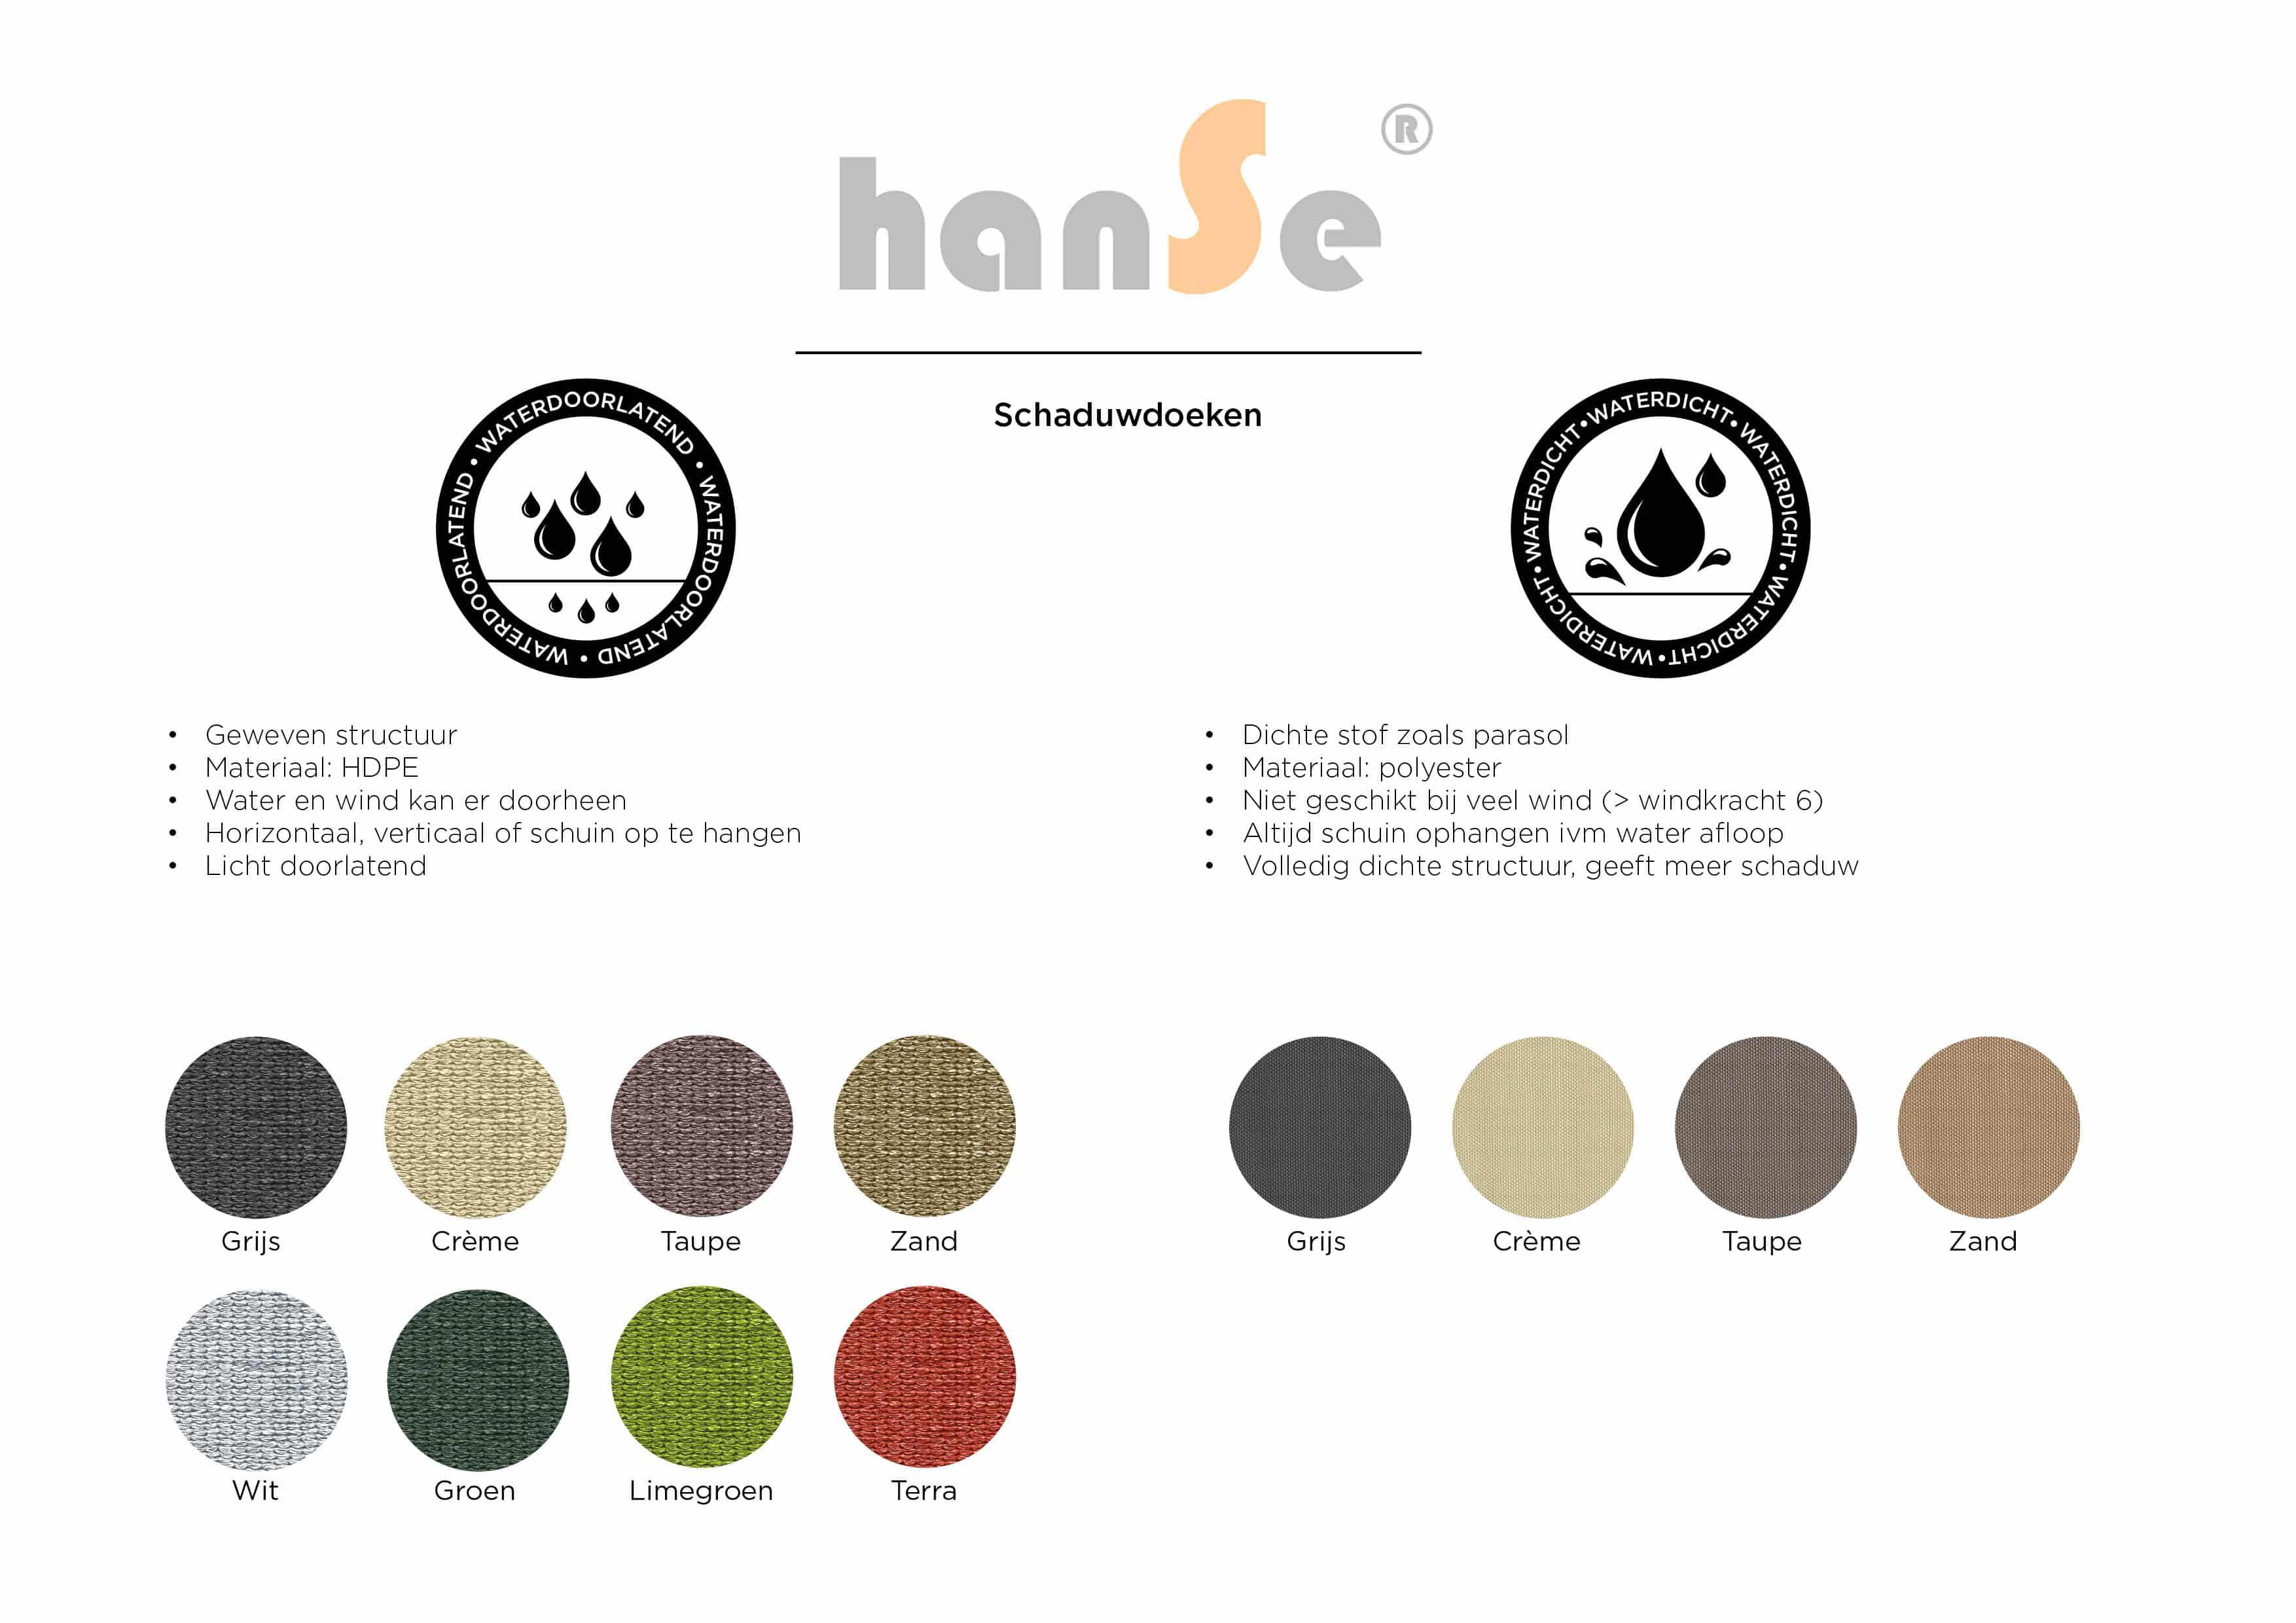 hanSe® Schaduwdoek Rechthoek Waterdoorlatend 4x7 m - zonnedoek - Zand